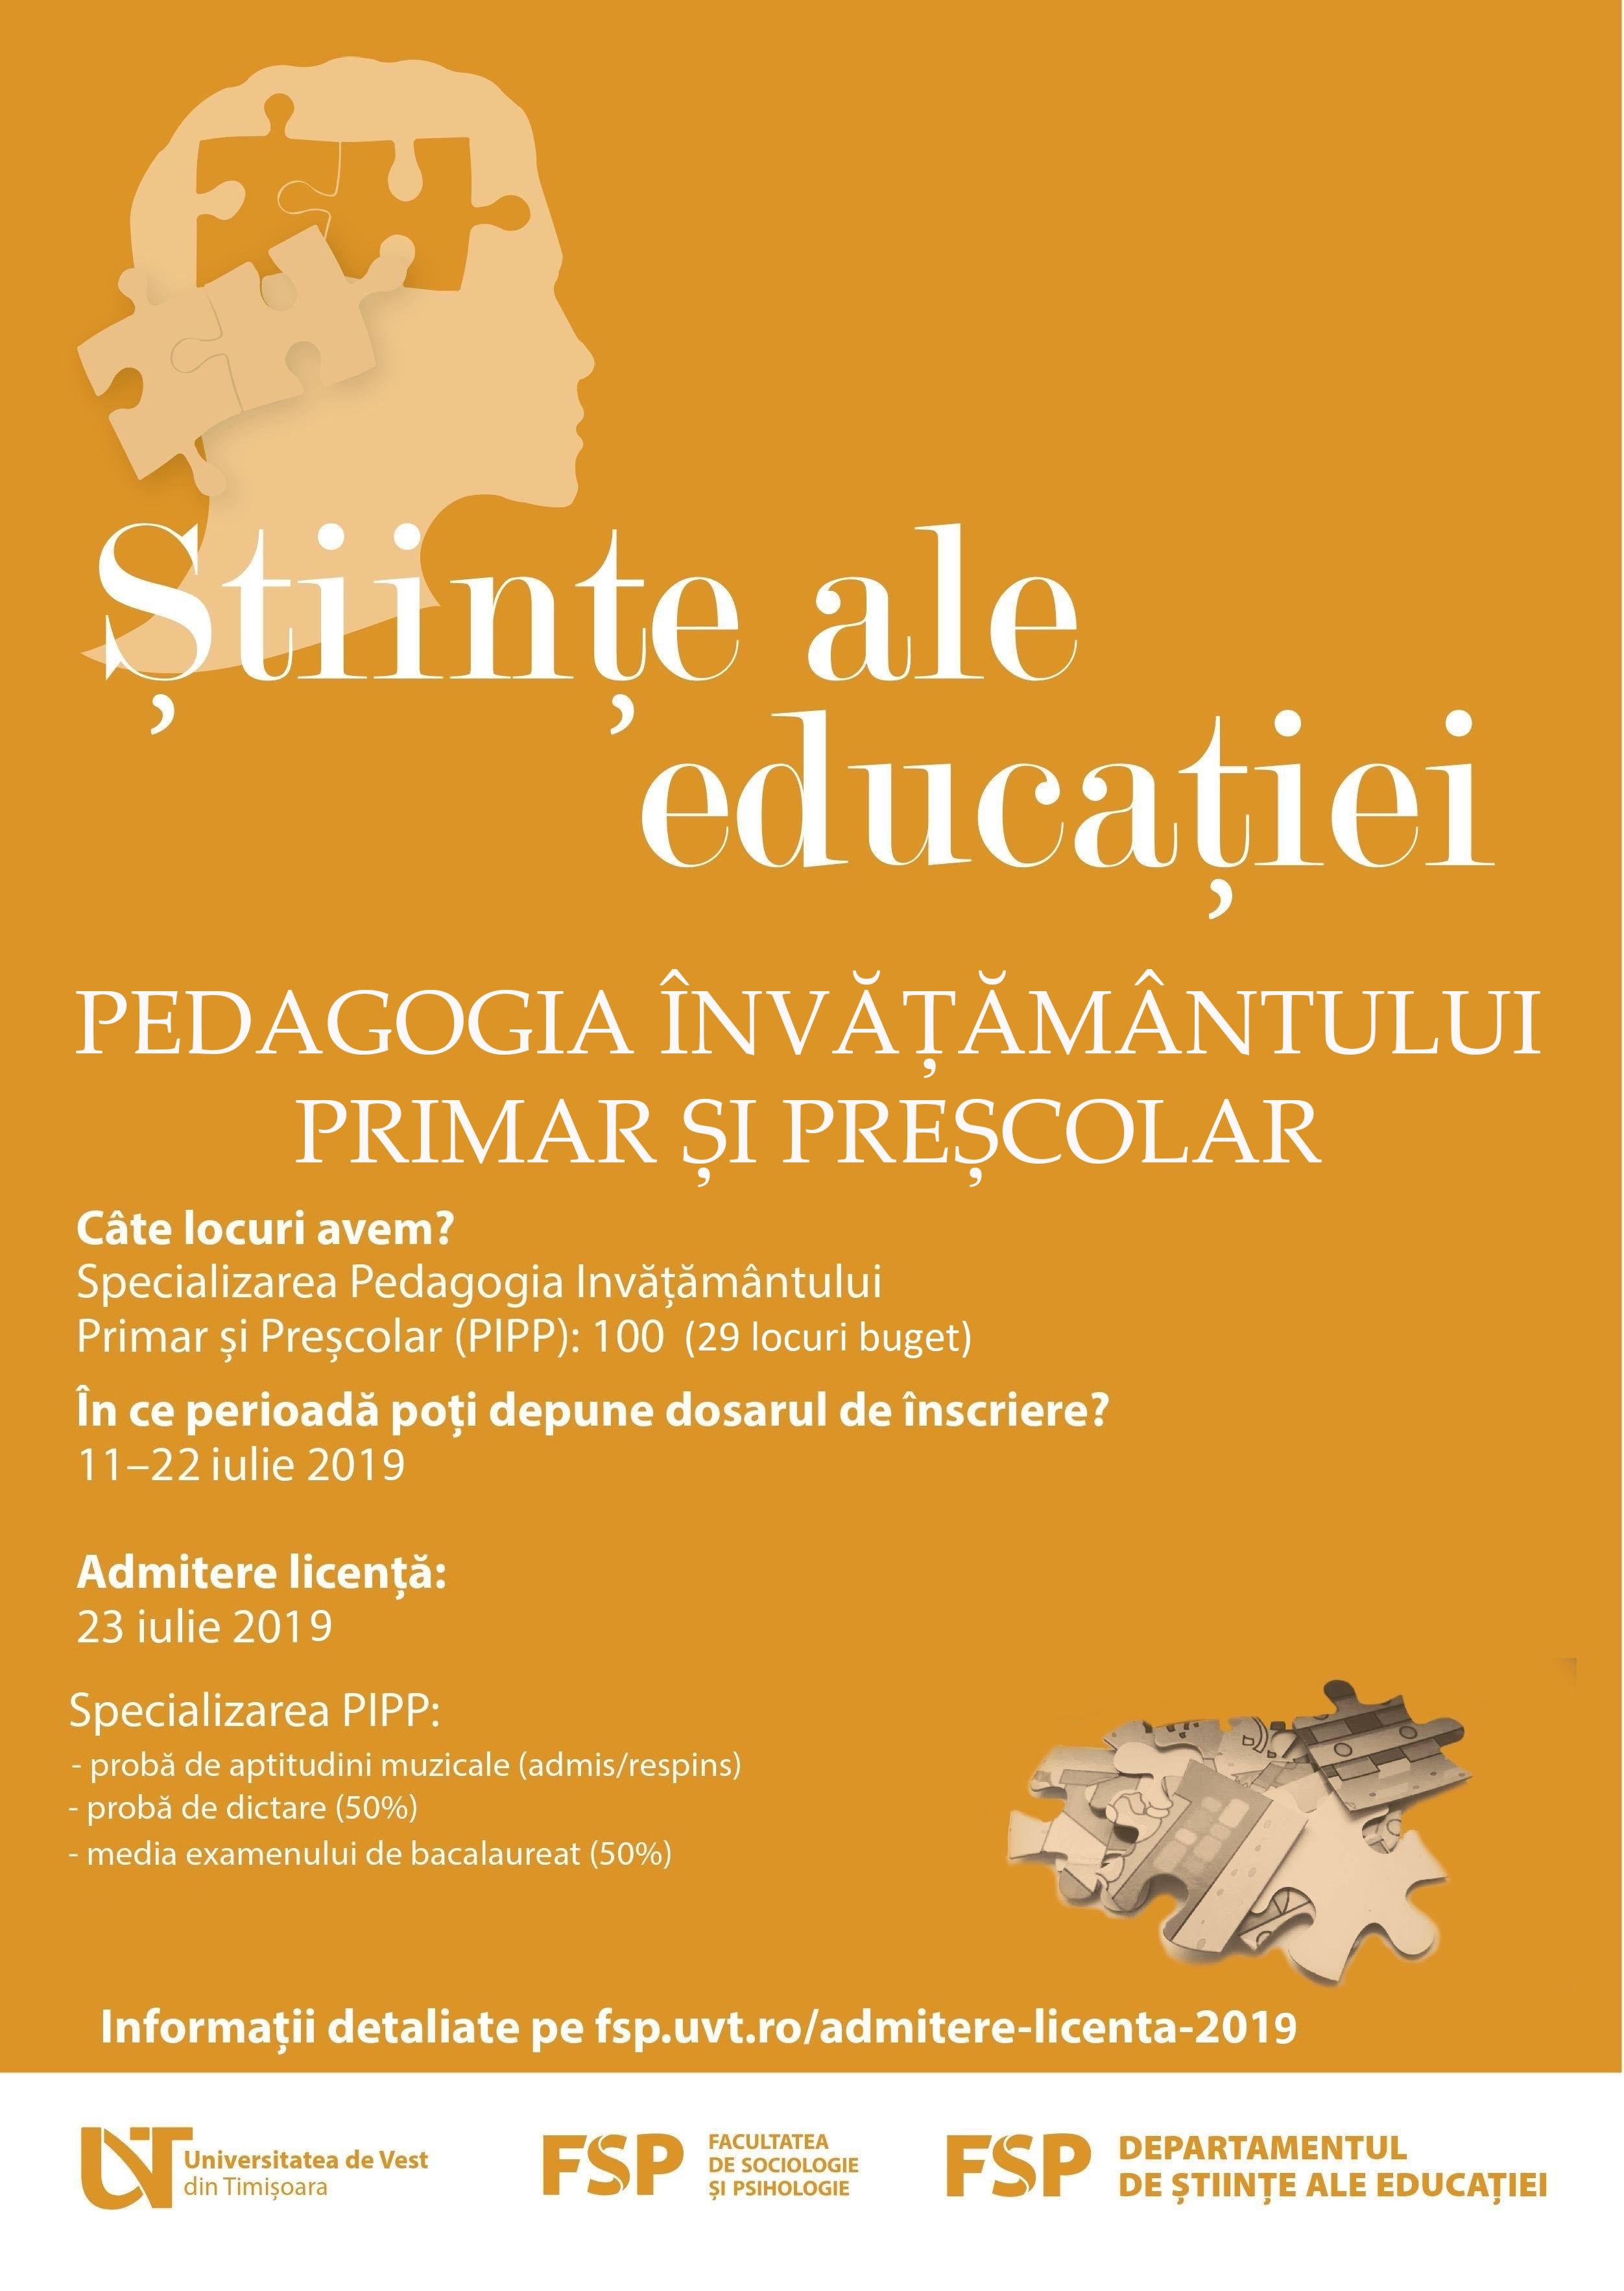 Pedagogia învățământului primar și preșcolar